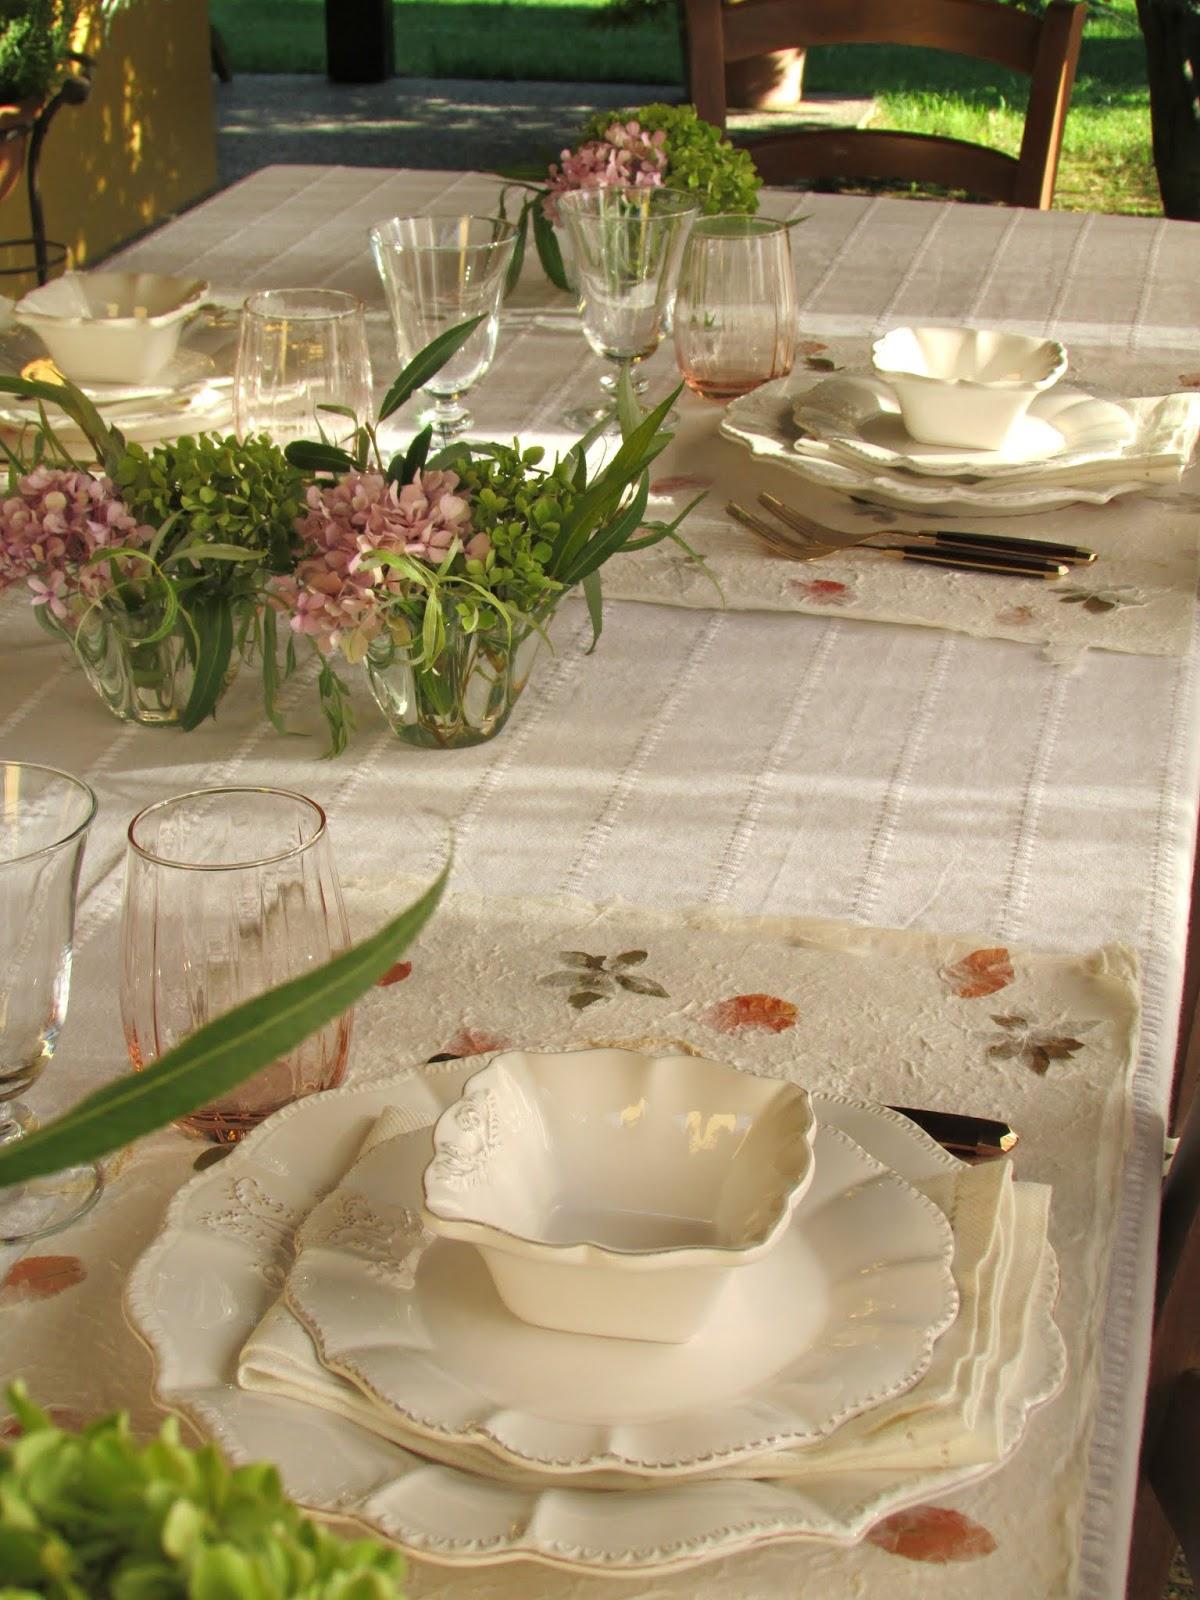 tavola in giardino